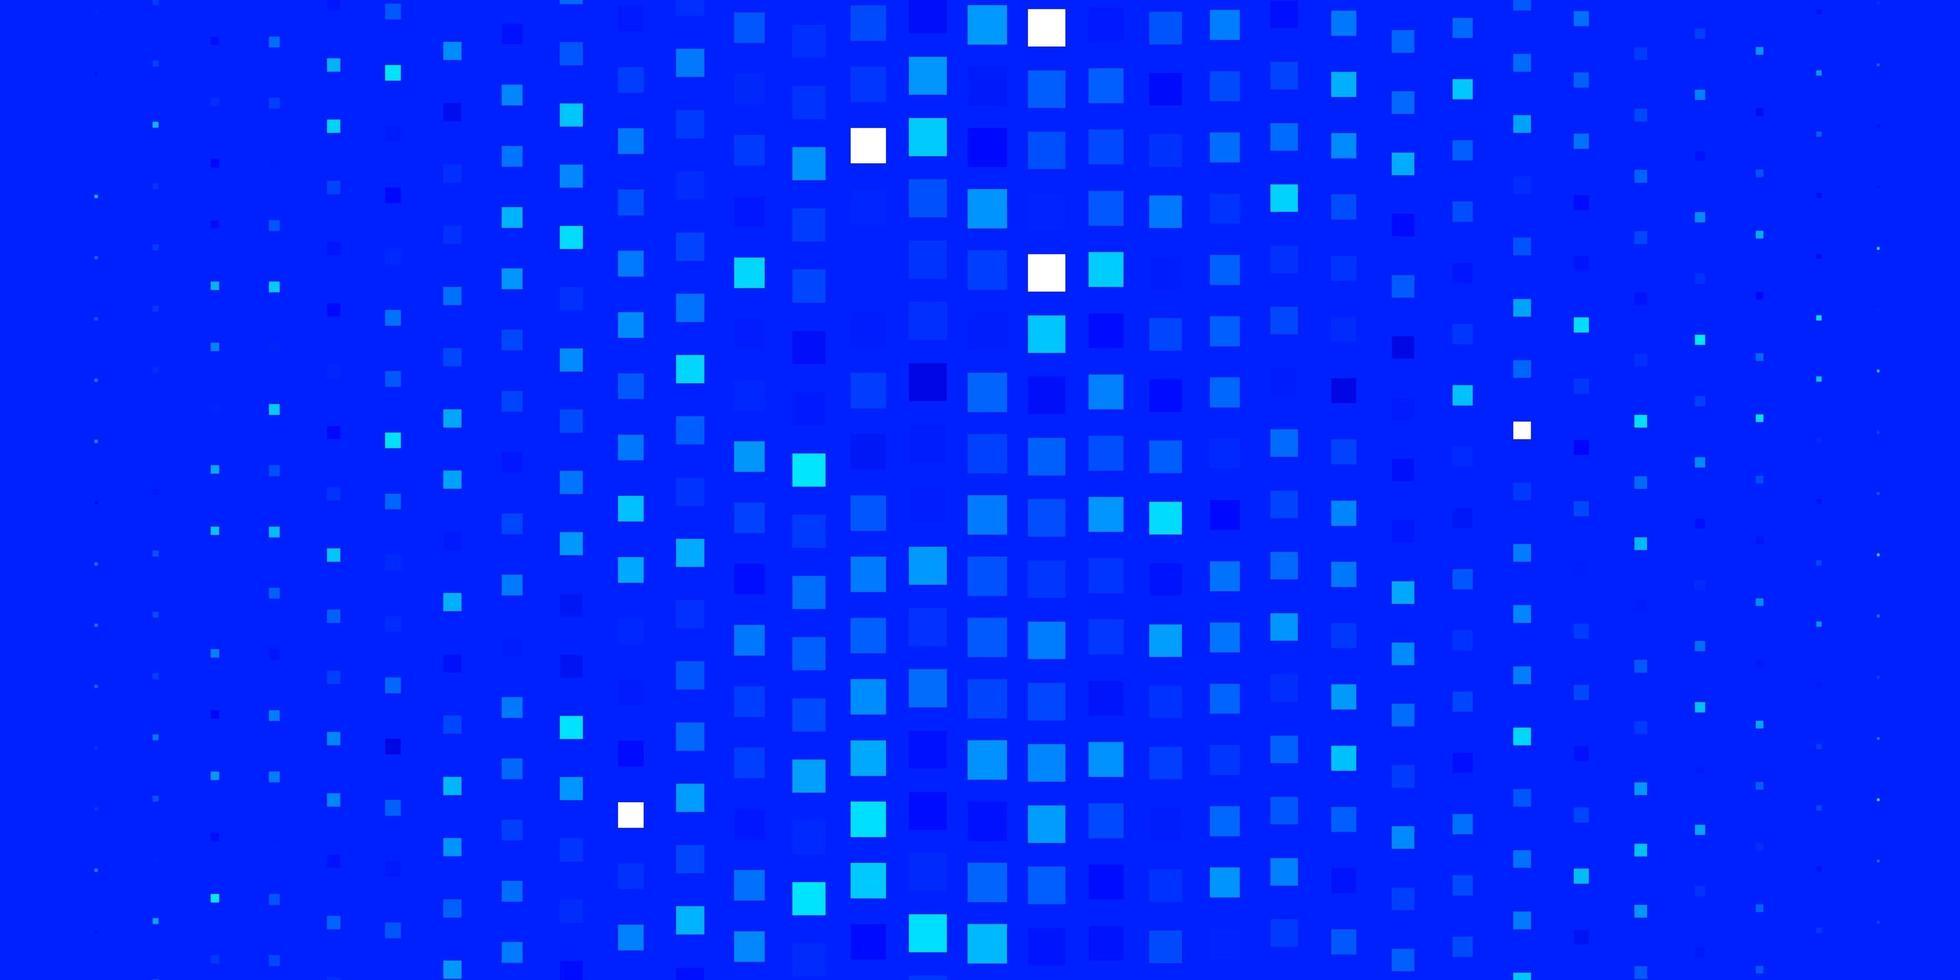 modelo de vetor azul claro em retângulos.